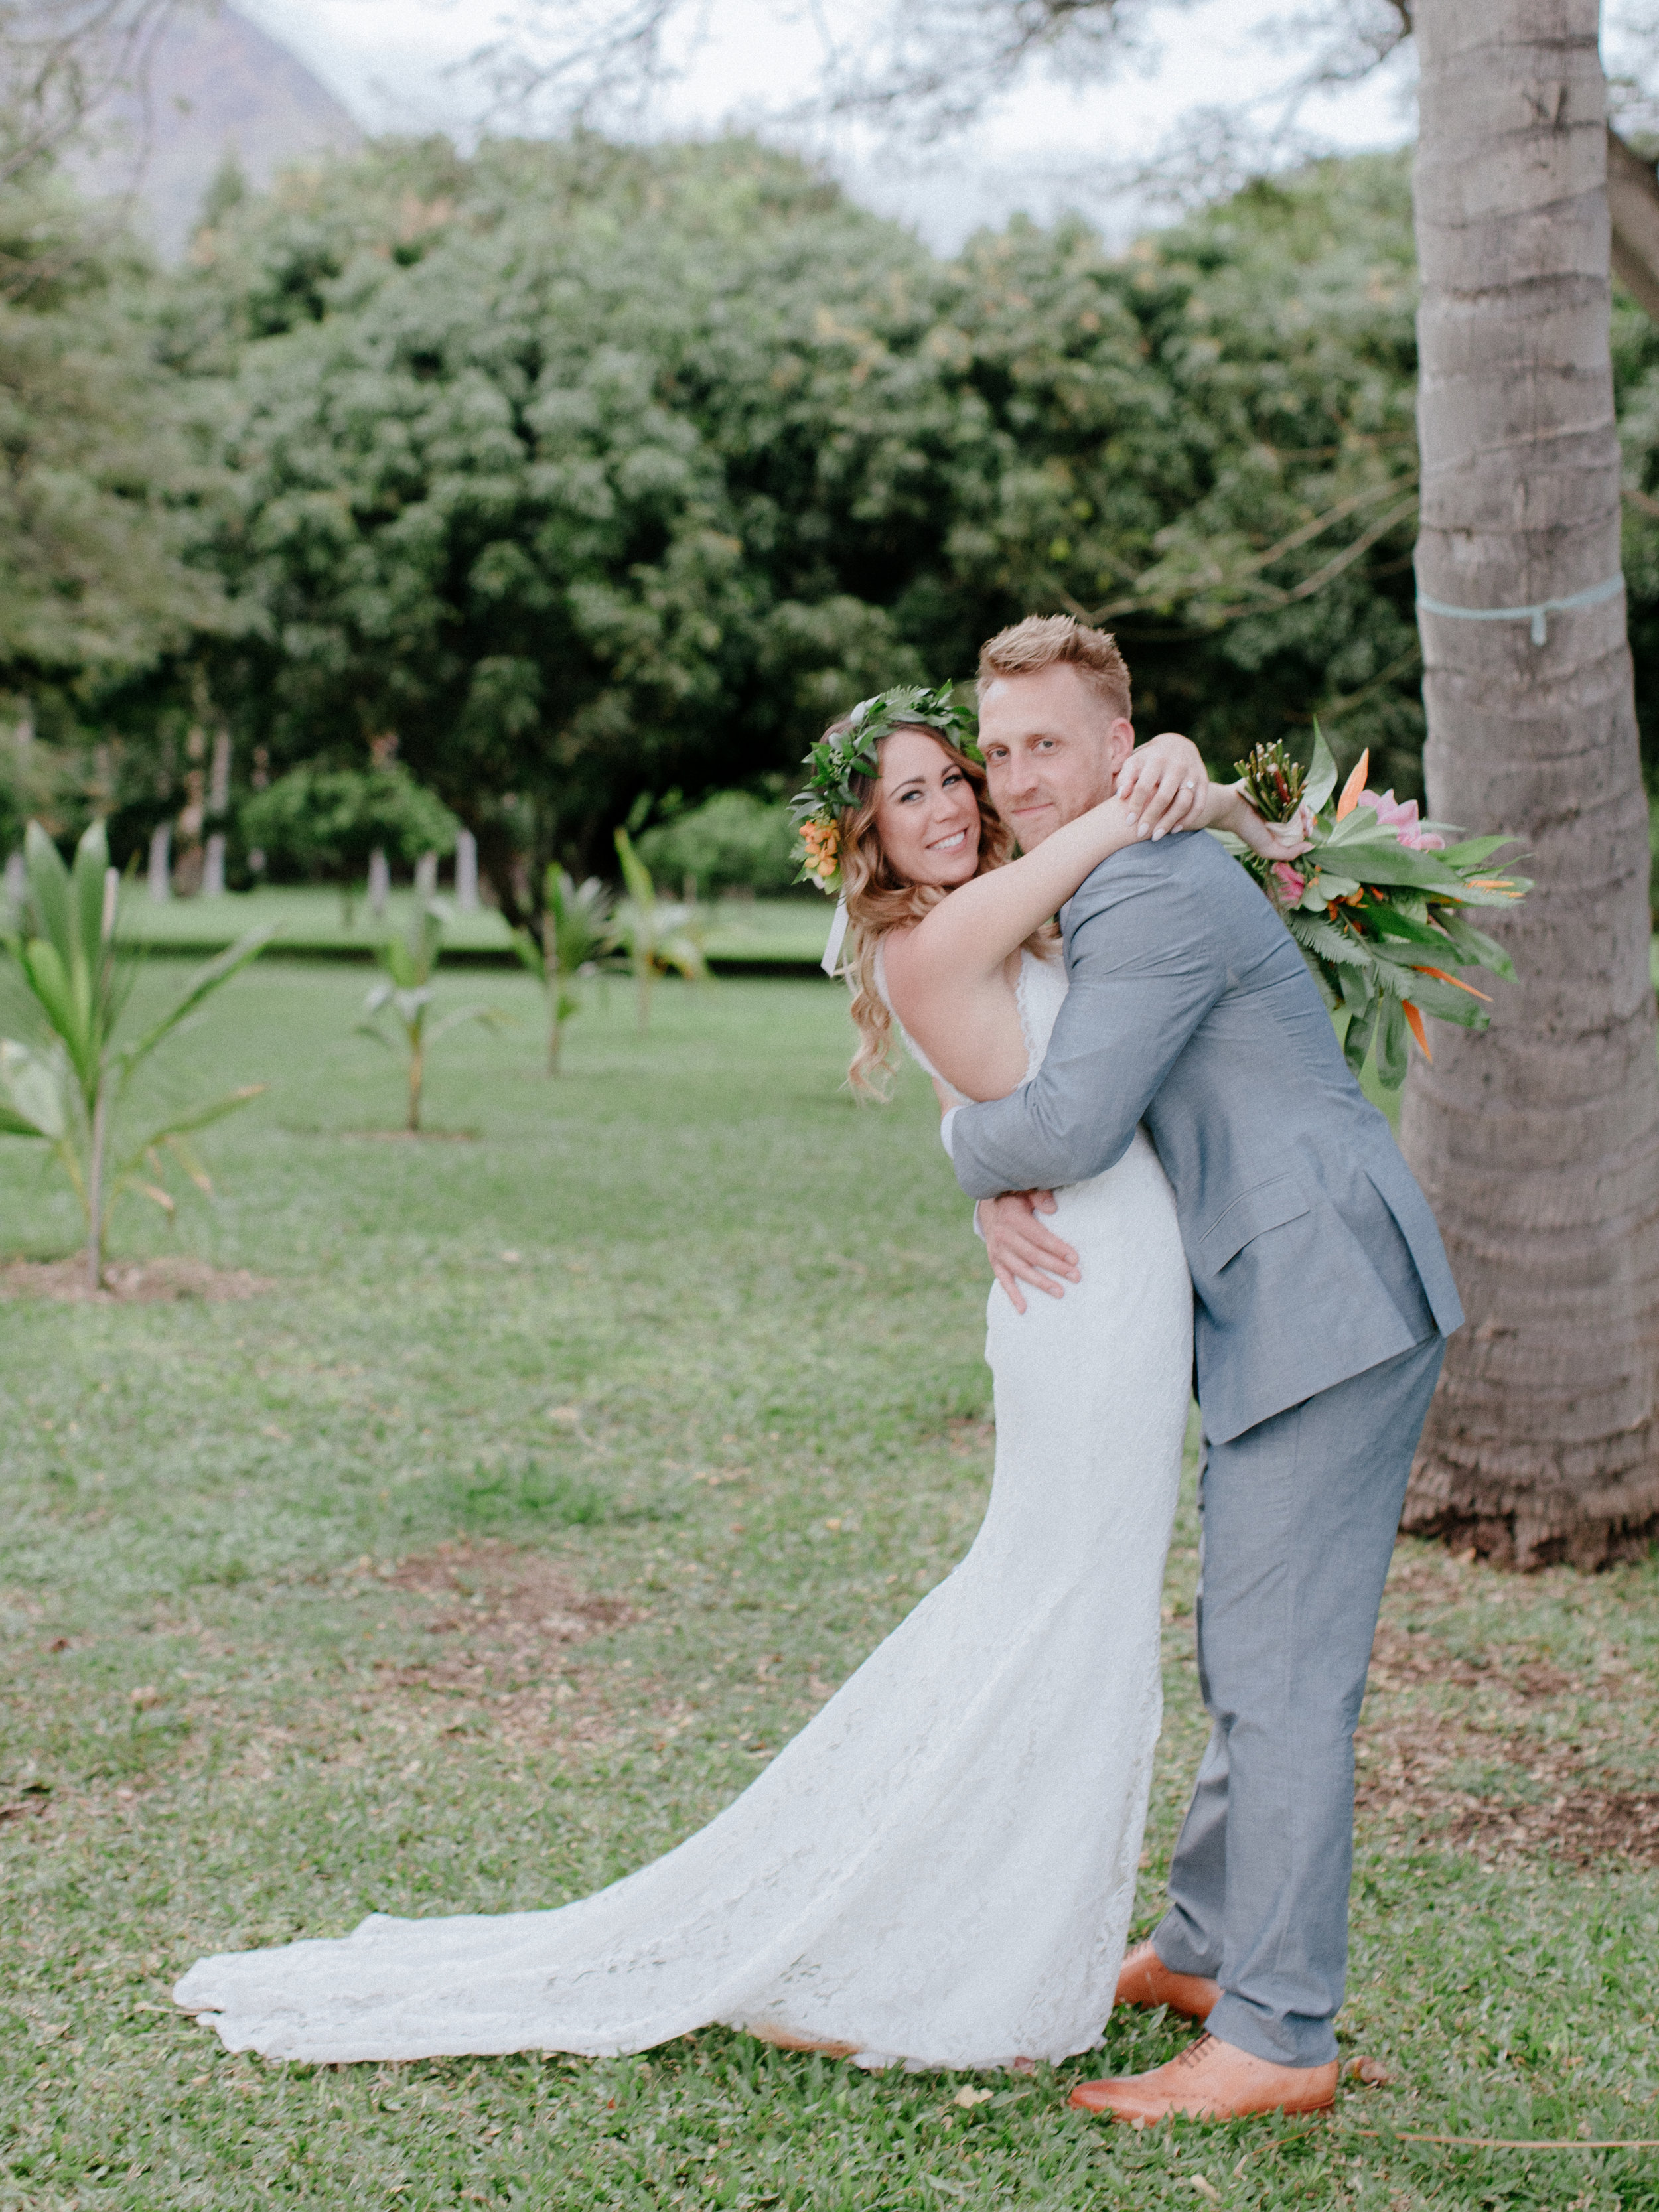 Chris-J-Evans-maui-wedding-JA3096.jpg